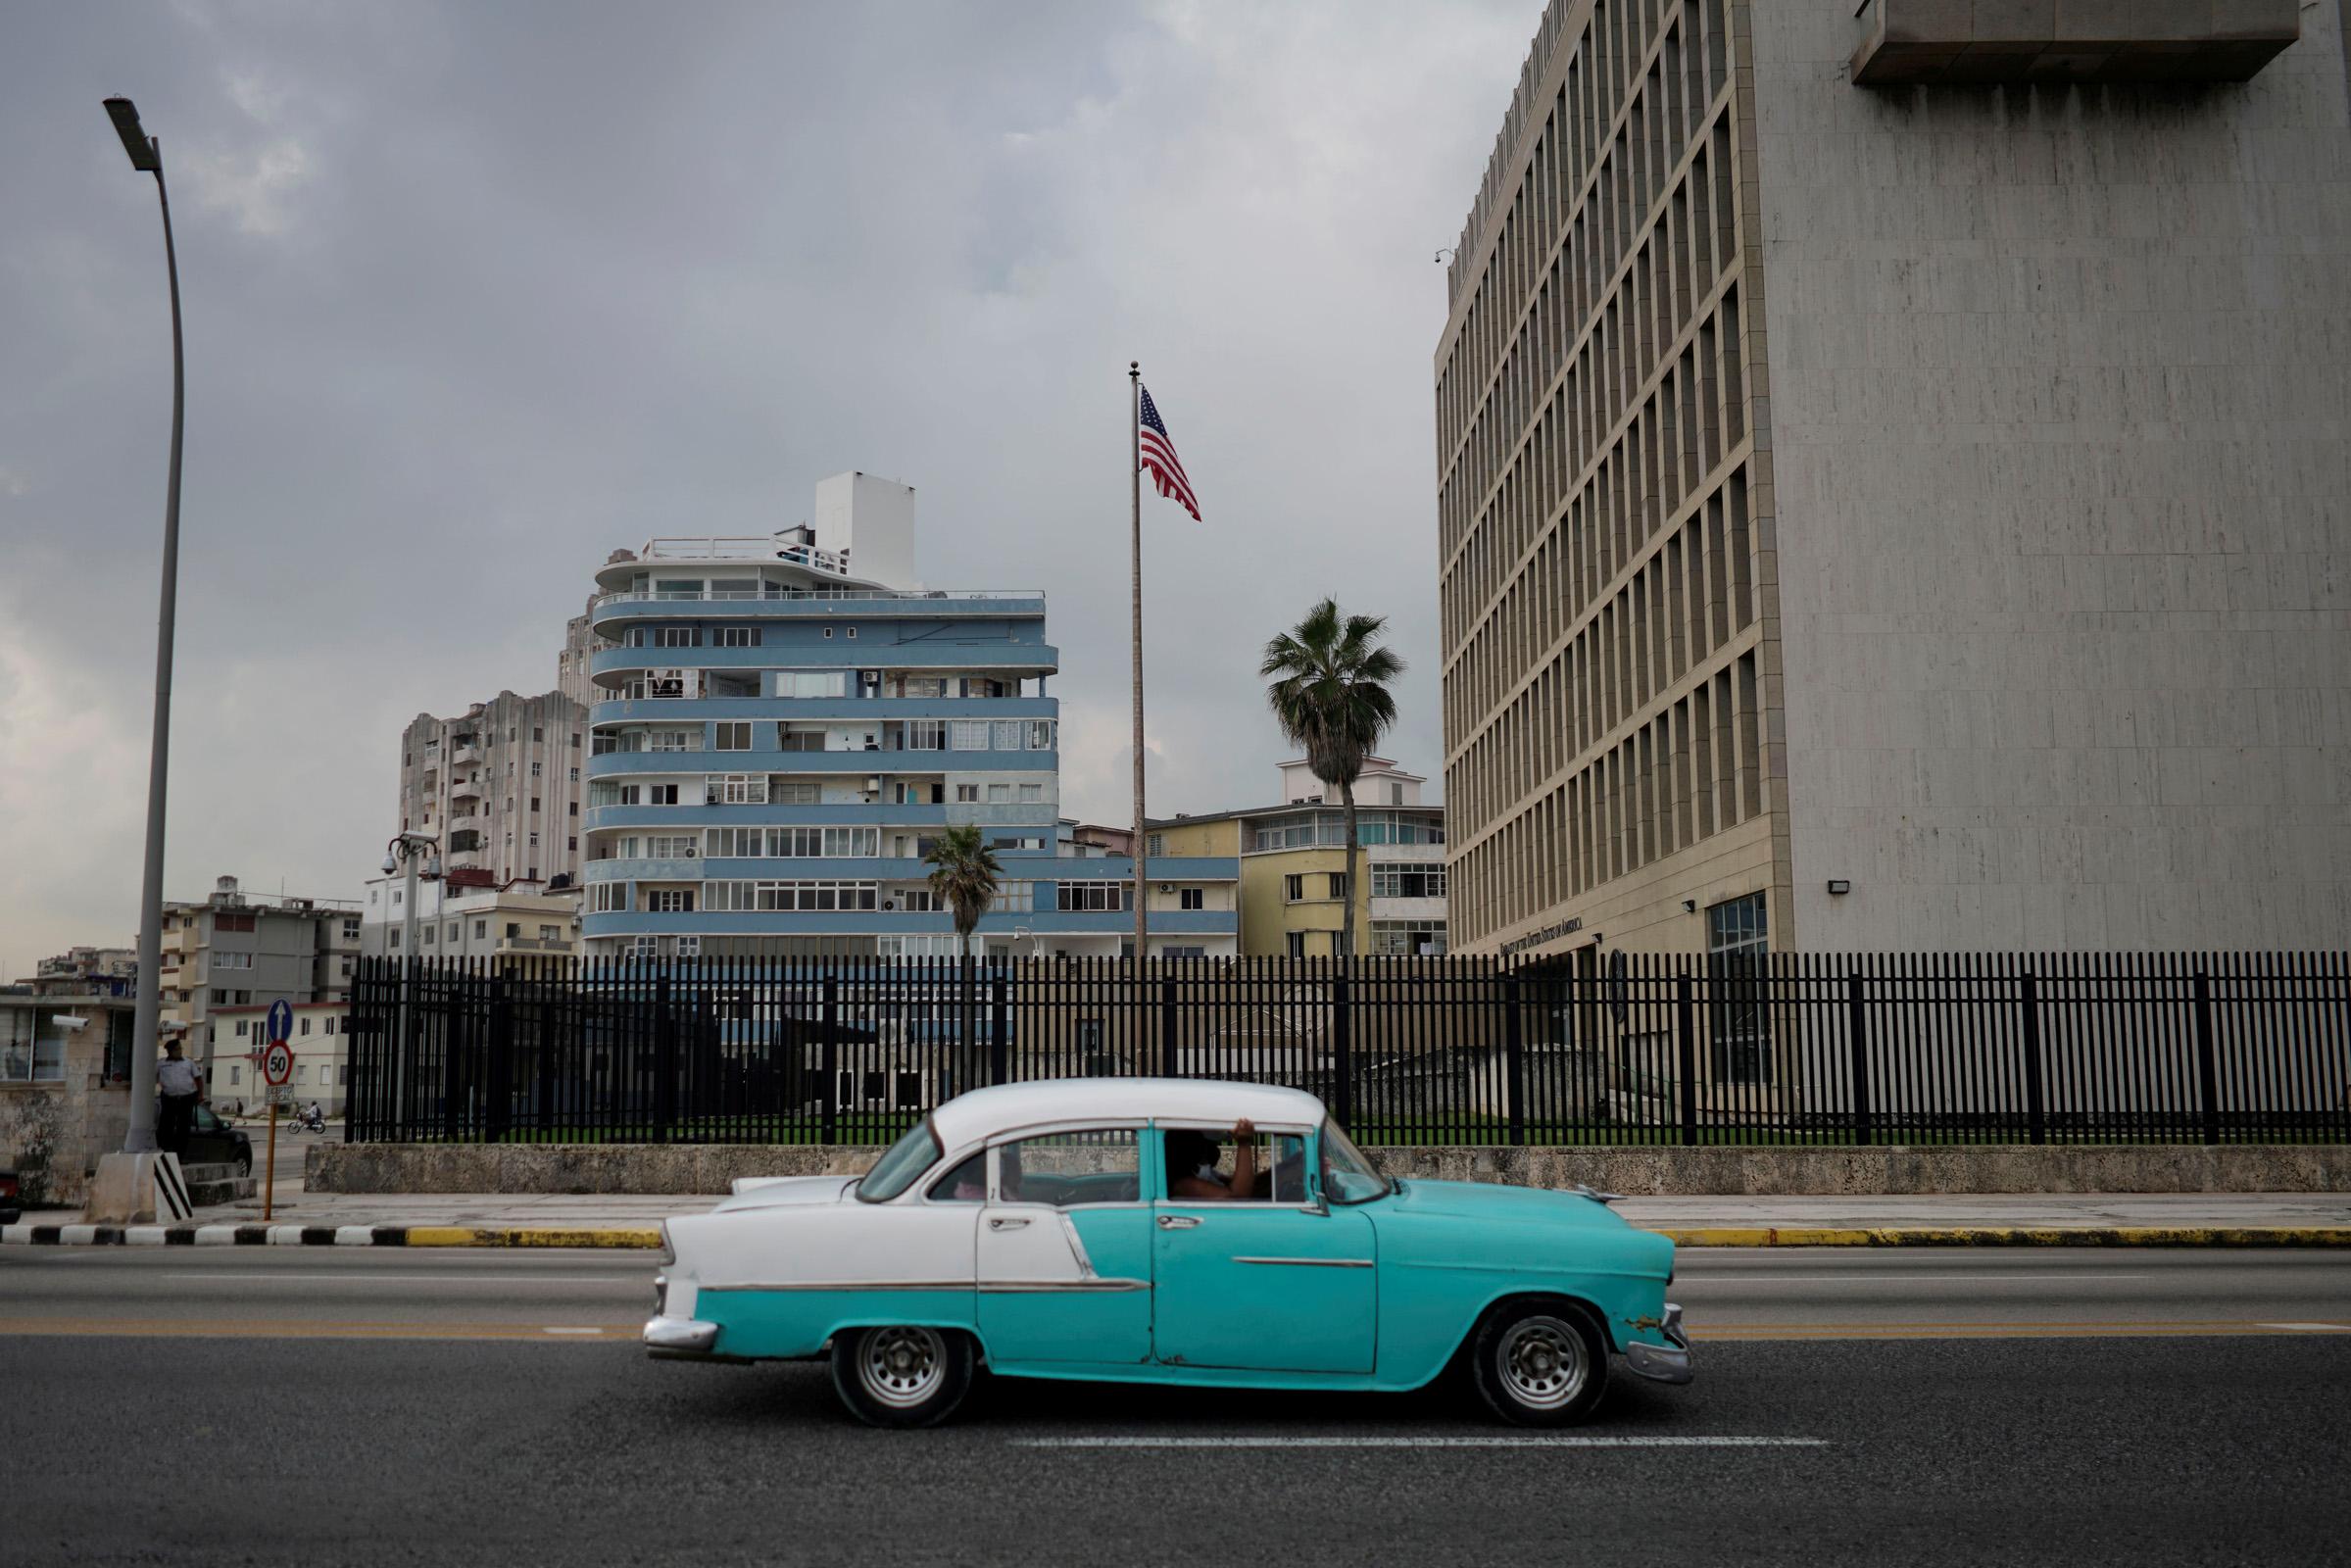 Κούβα: Το μήνυμα του προέδρου και οι ελπίδες μετά την εκλογή Μπάιντεν